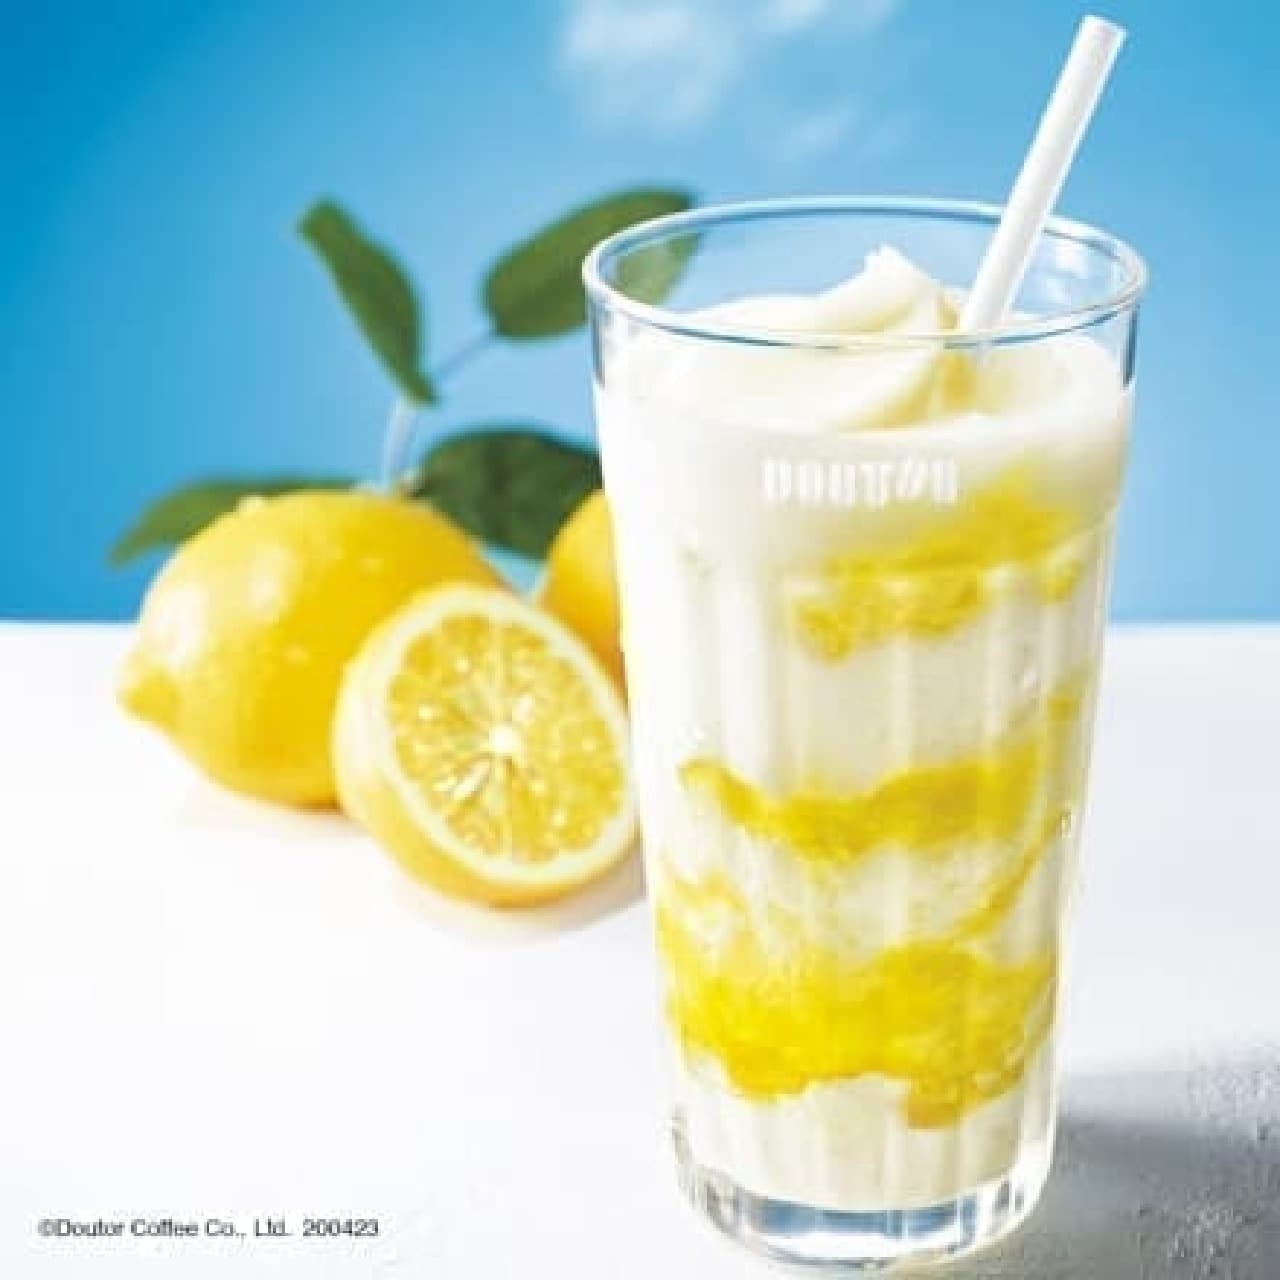 ドトールコーヒーショップ「はちみつレモンヨーグルン」